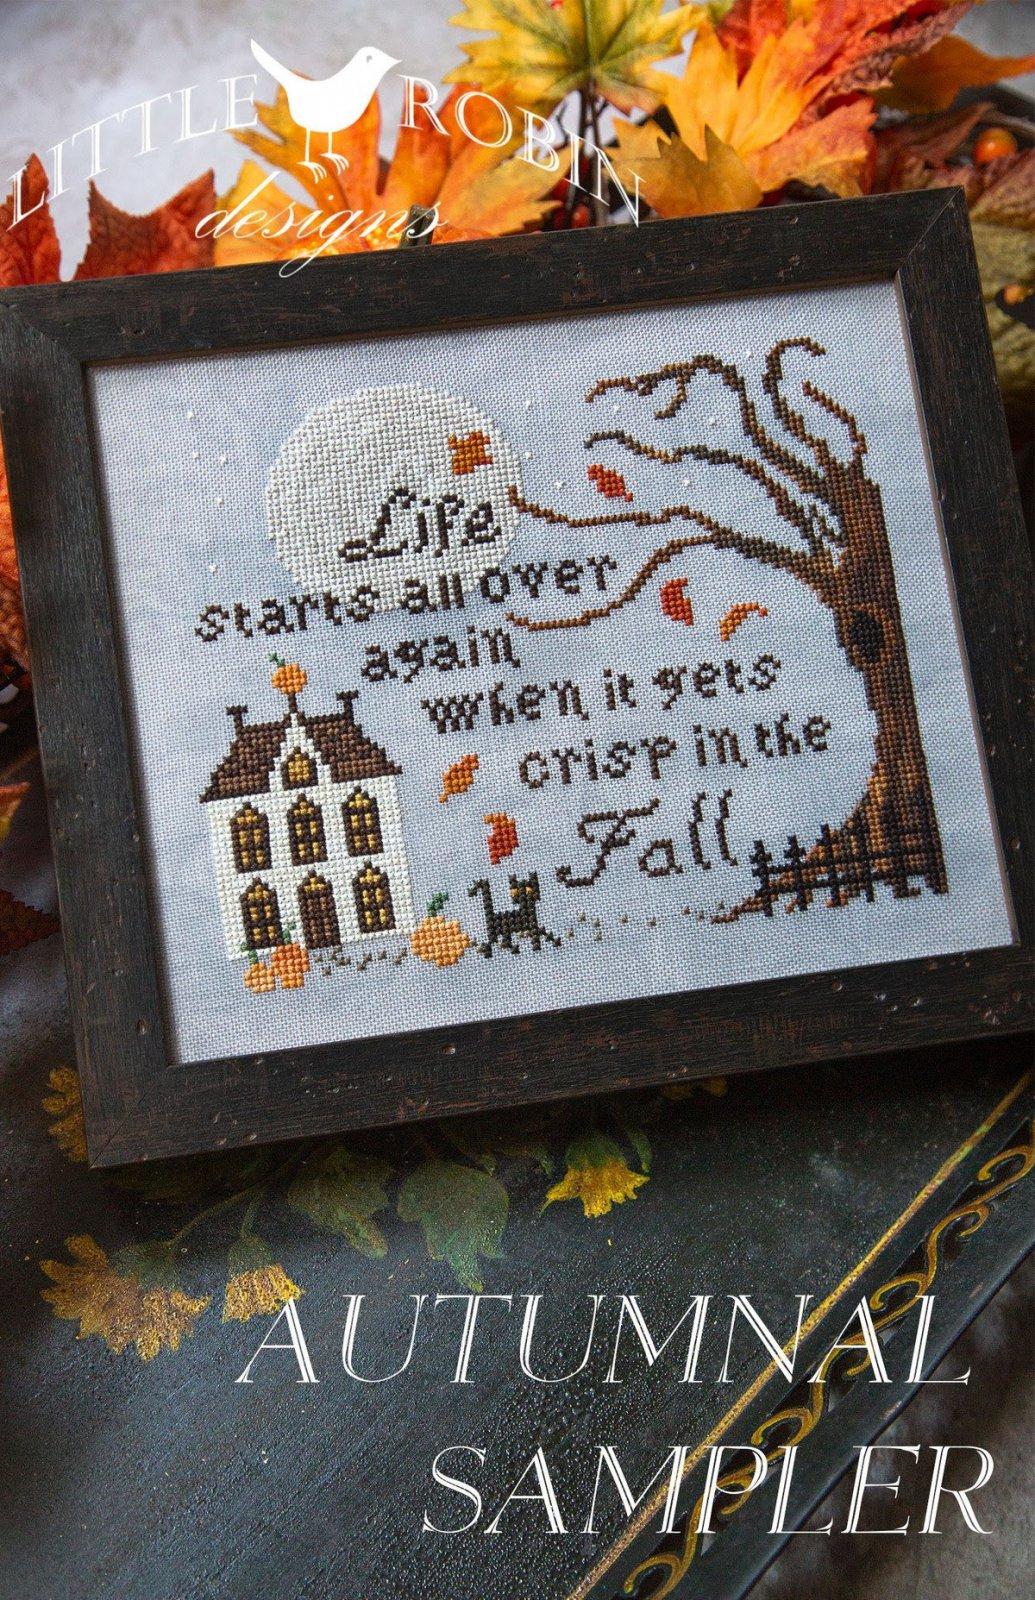 Autumnal Sampler chart - Little Robin Designs